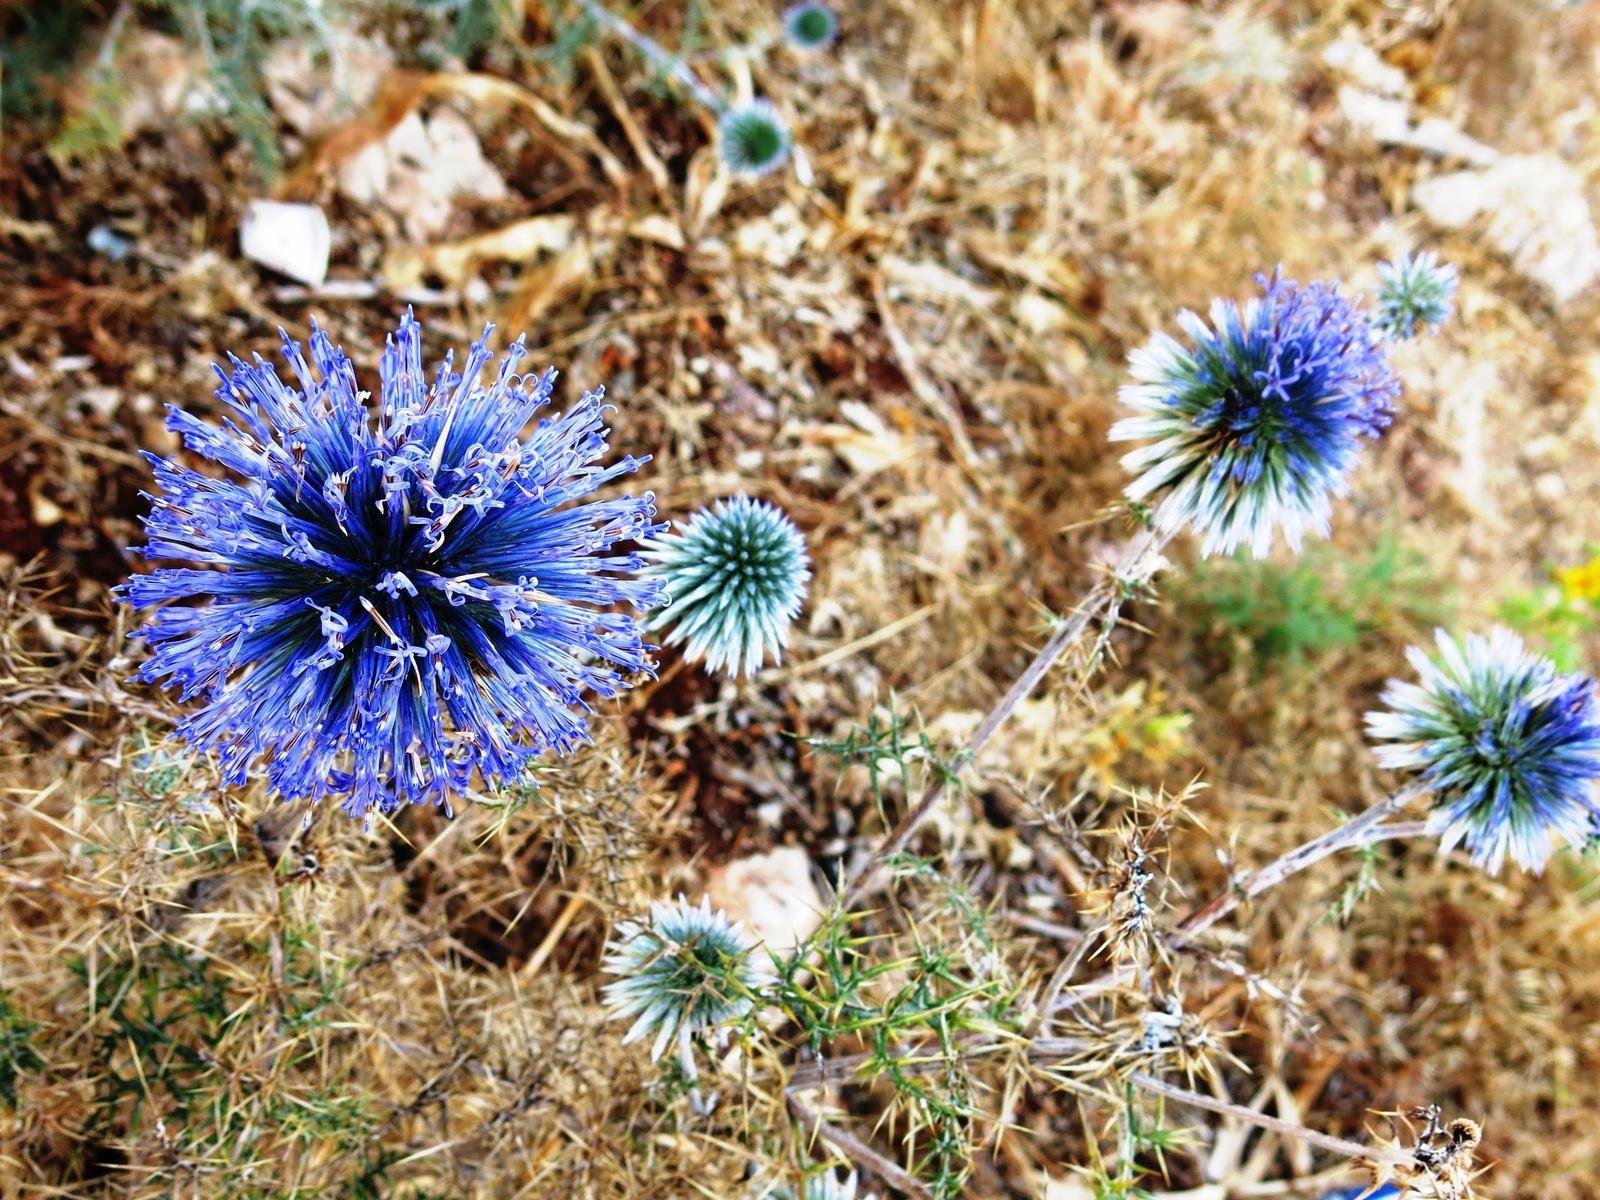 terre sainte en israel Faune et fleur - Fleur chardon